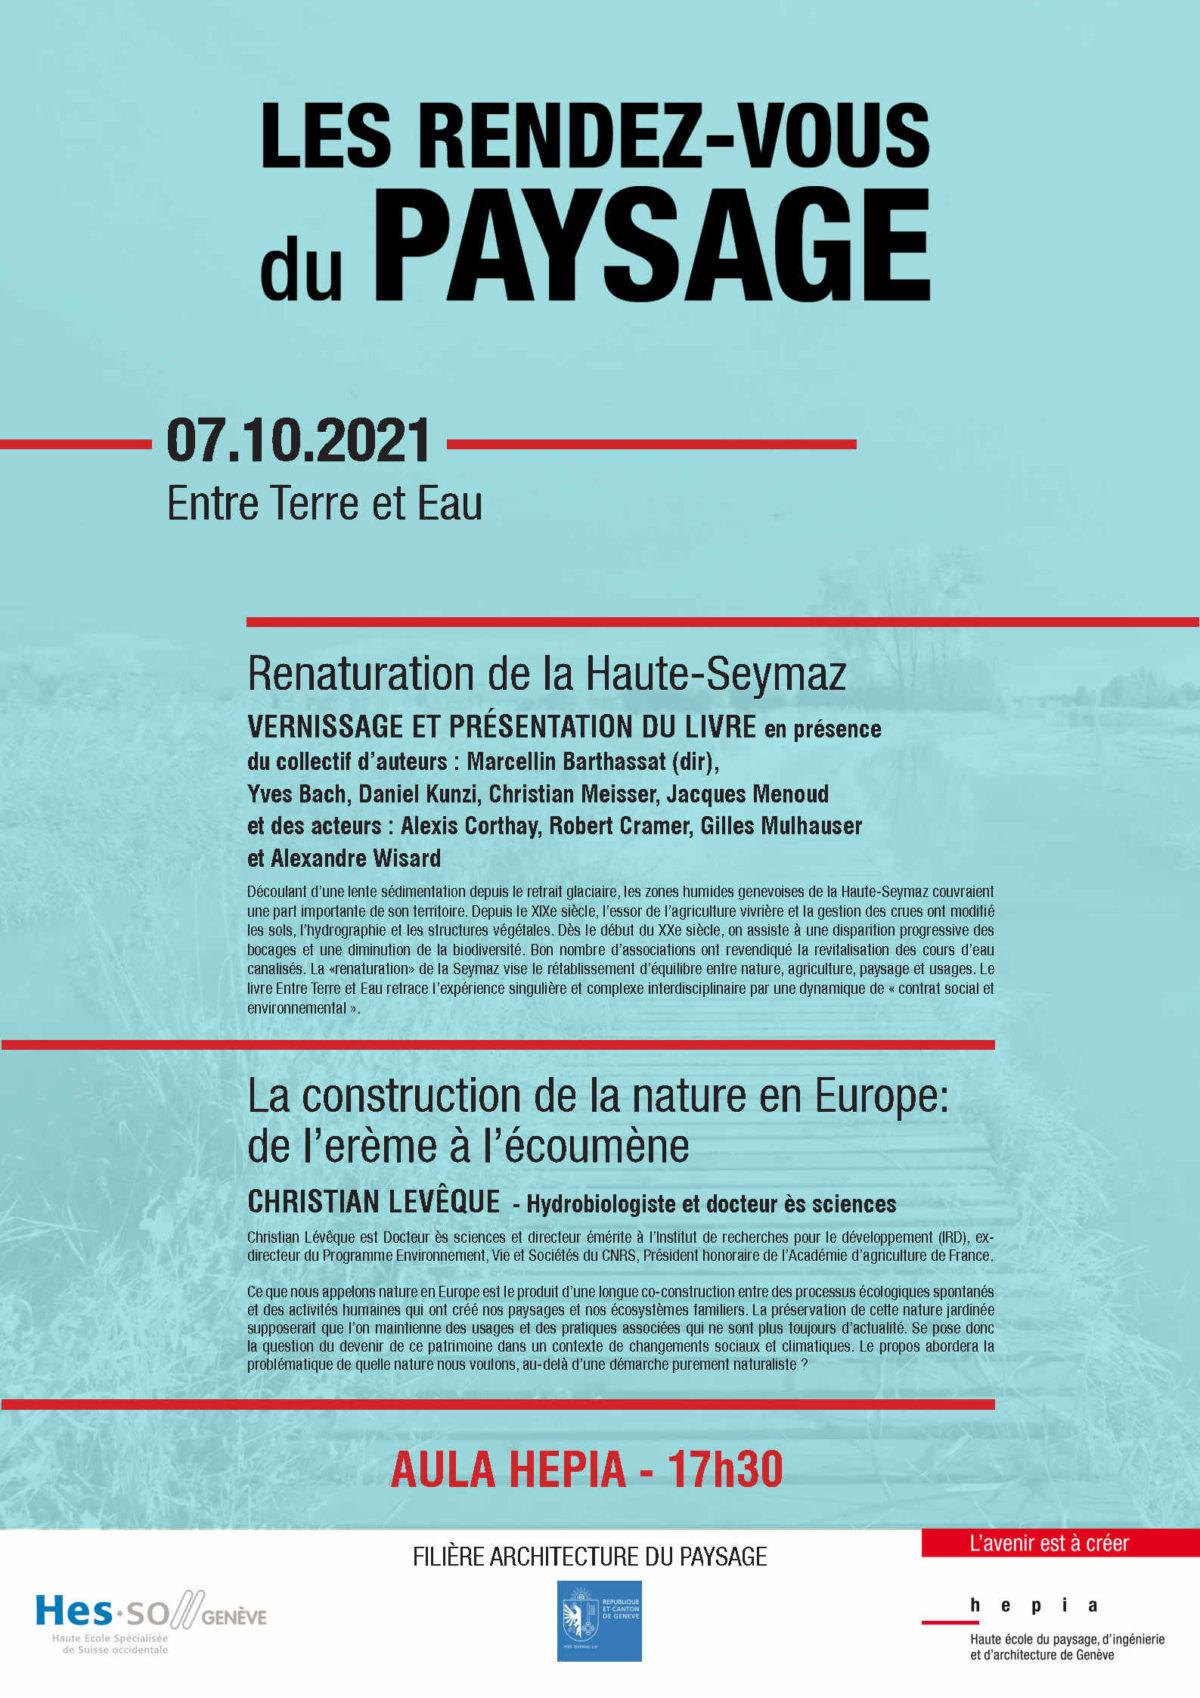 Renaturation de la Haute-Seymaz, Vernissage et présentation du livre-07/10/2021